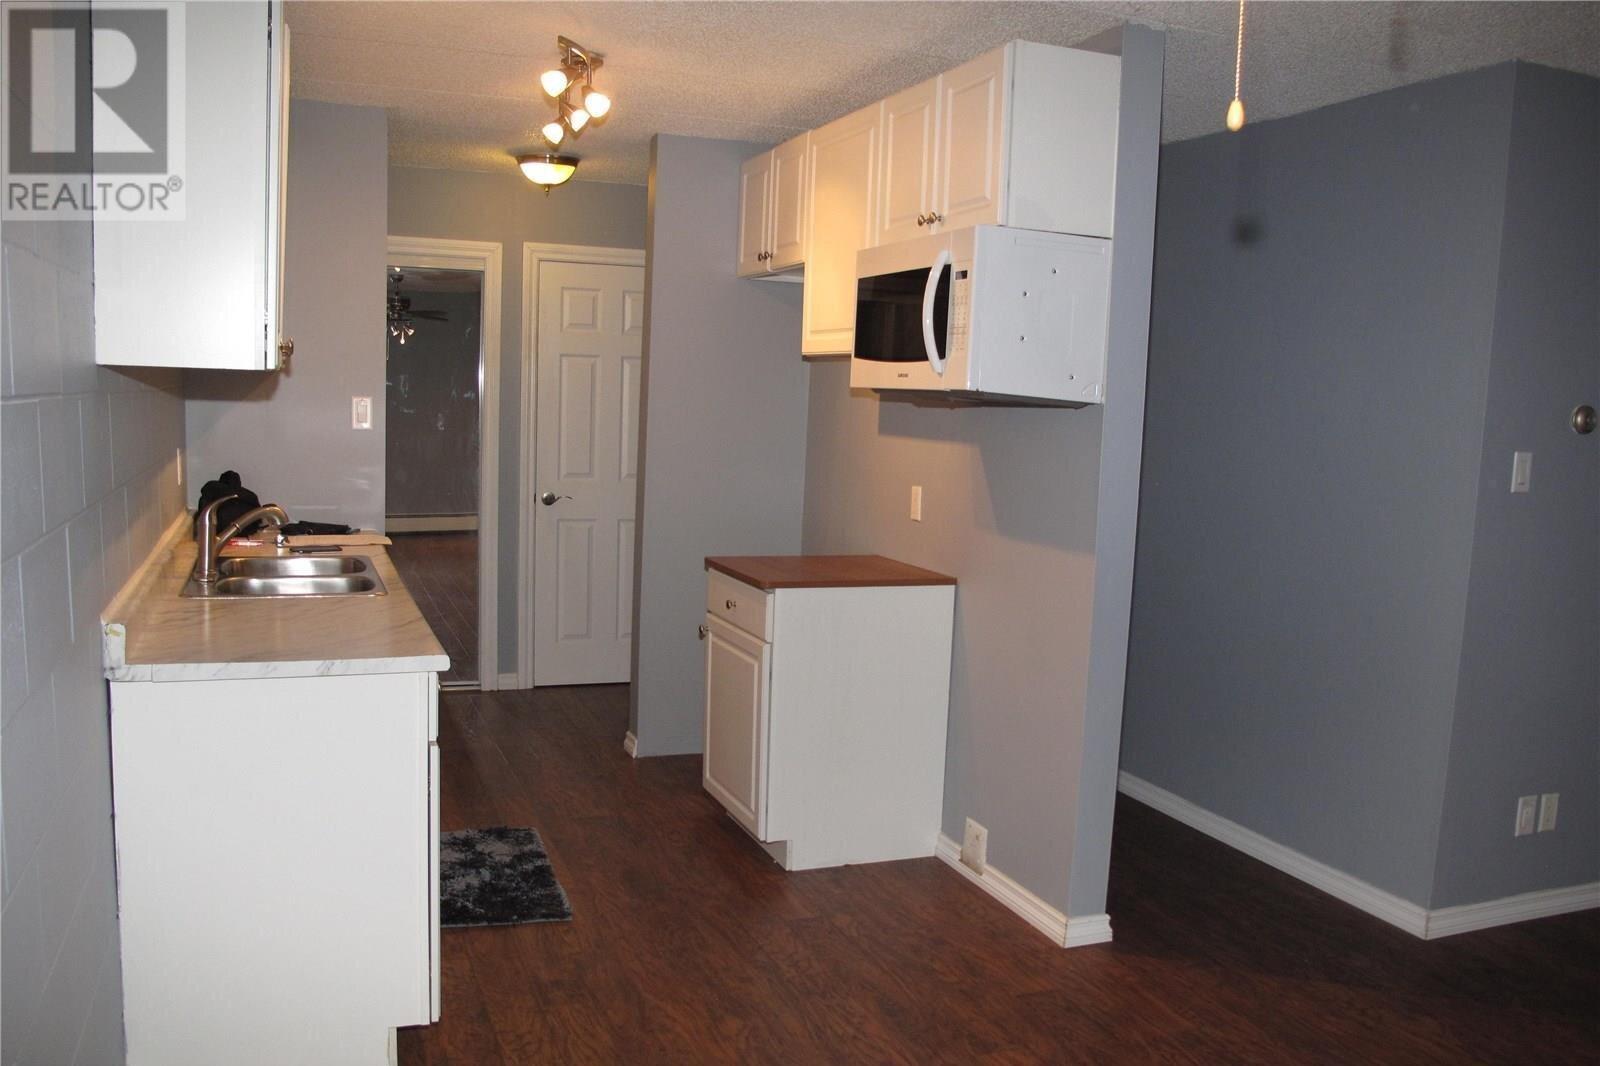 Condo for sale at 738 5th St NE Unit 104 Weyburn Saskatchewan - MLS: SK838860